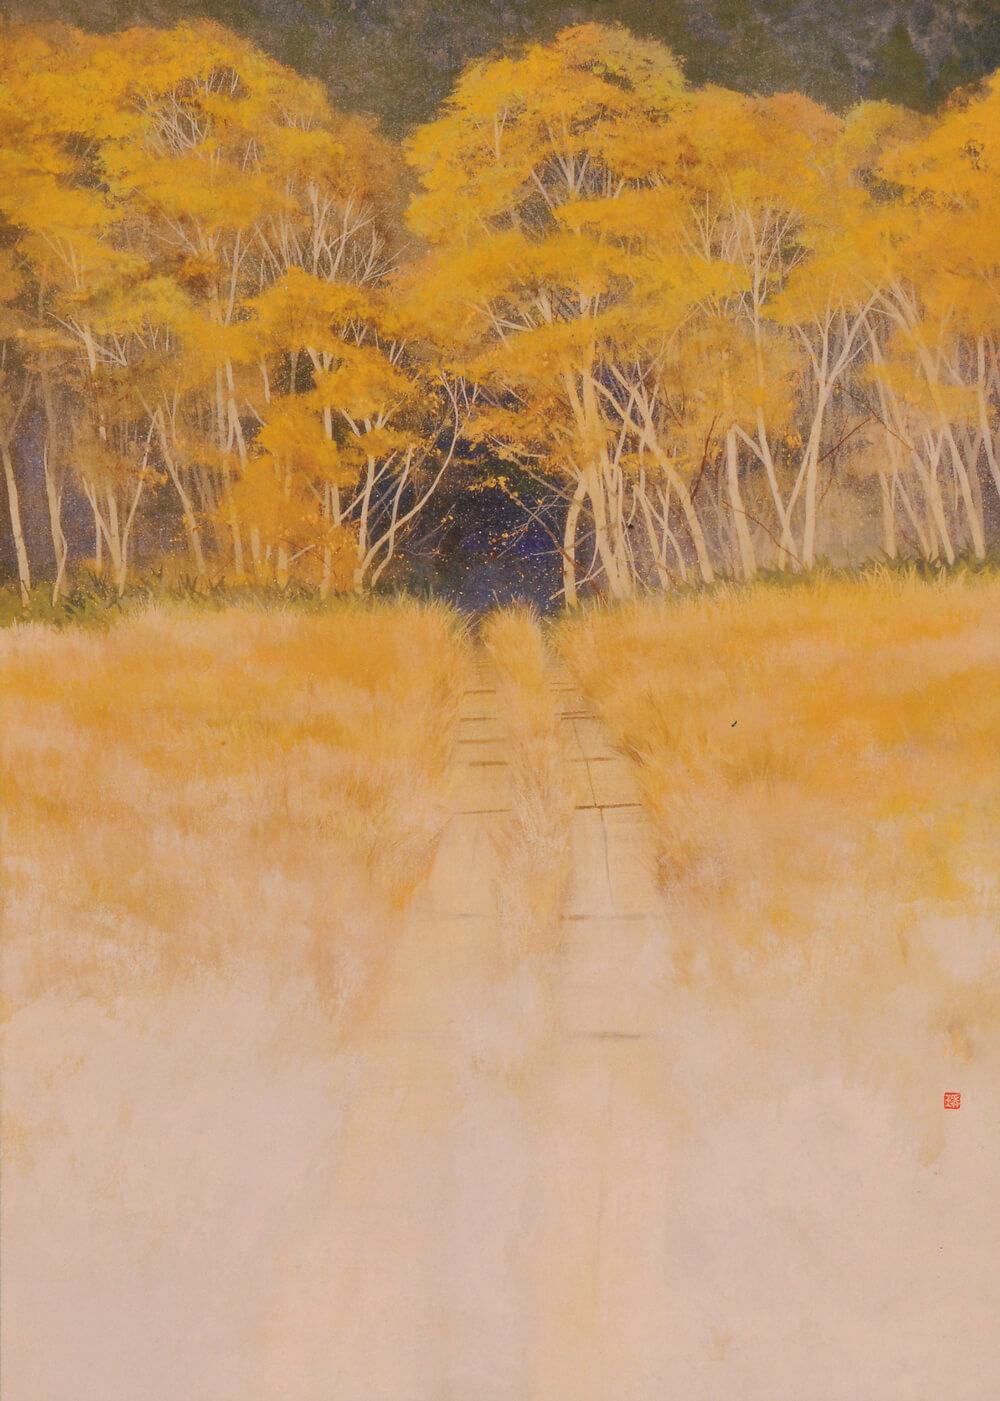 2009年1月10日から開催の「使命 日本画 牧野 環 展」の画像